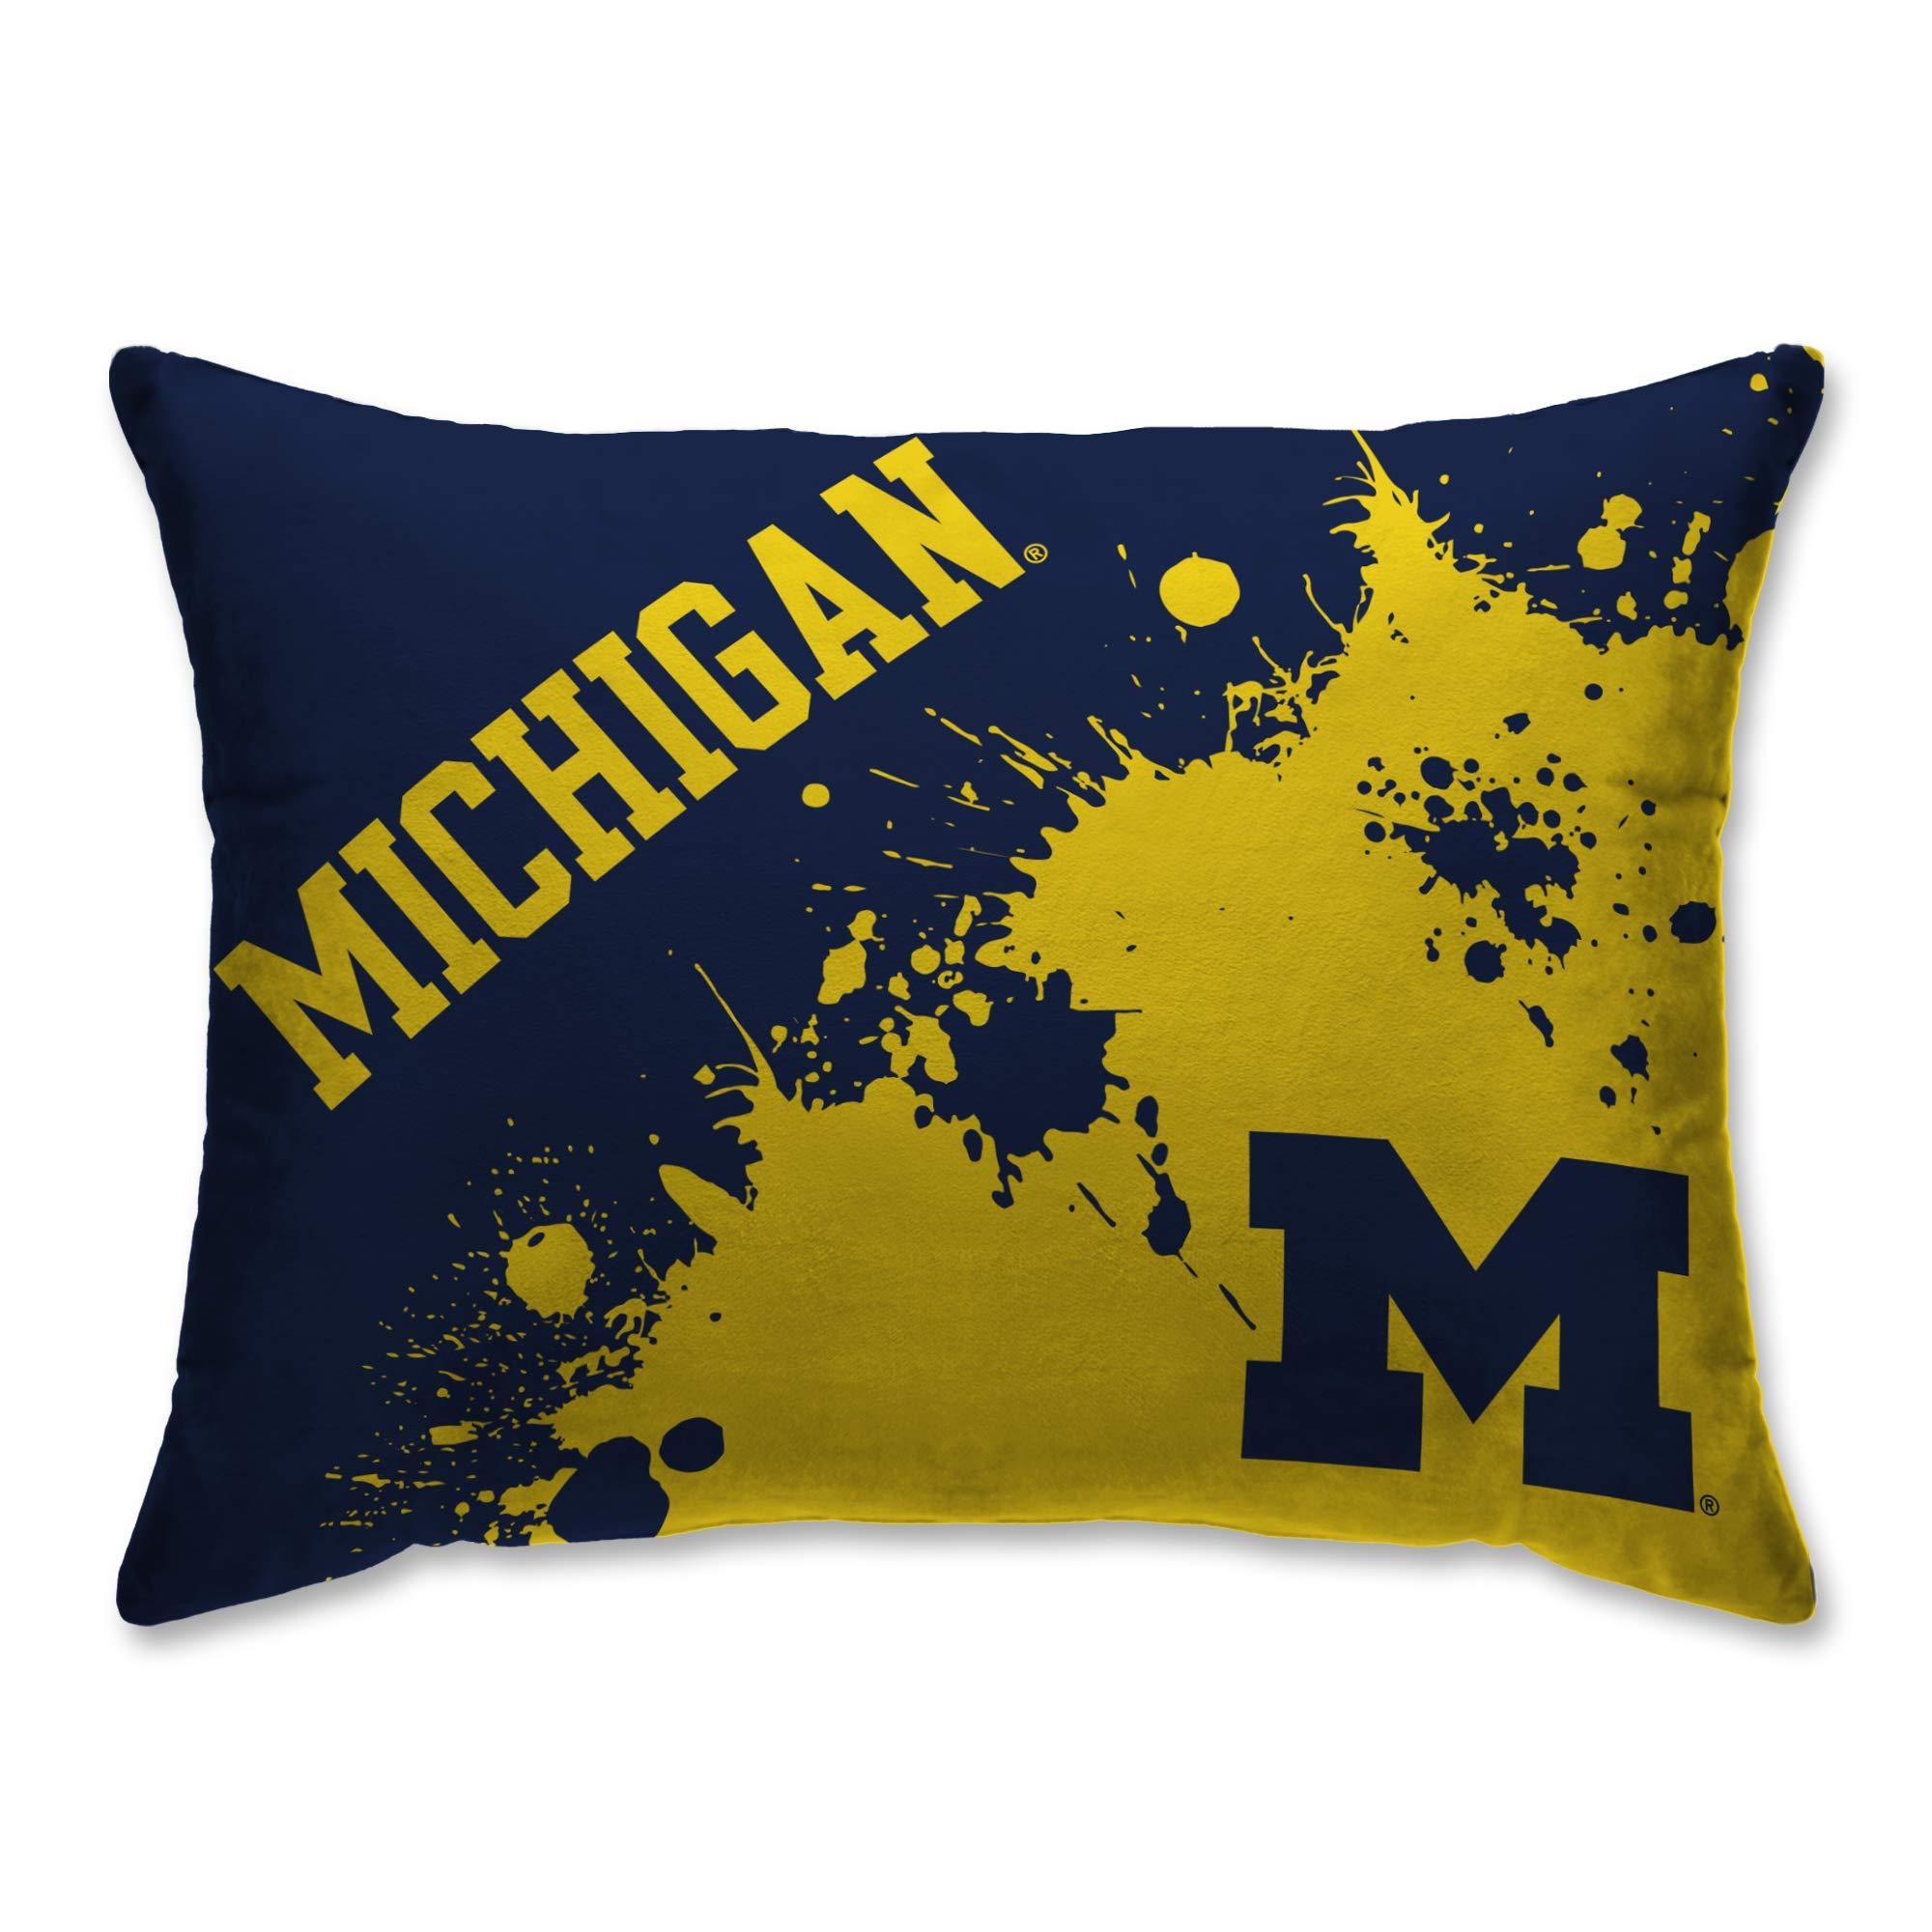 Pegasus Sports Michigan Wolverines Splatter 20'' x 26'' Plush Bed Pillow, Set of 2#128228453 by Pegasus Sports